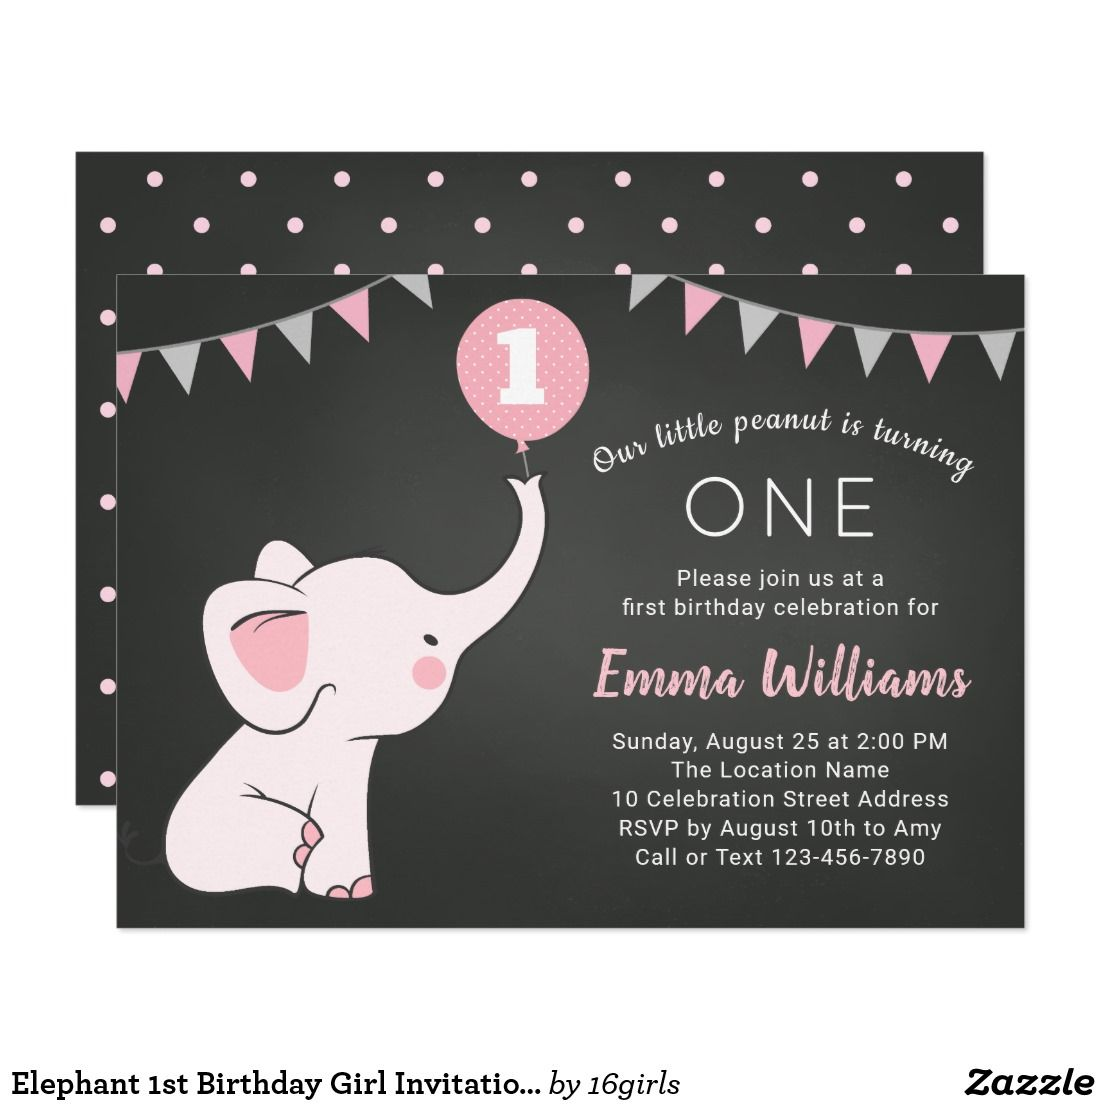 Elephant 1st Birthday Girl Invitation